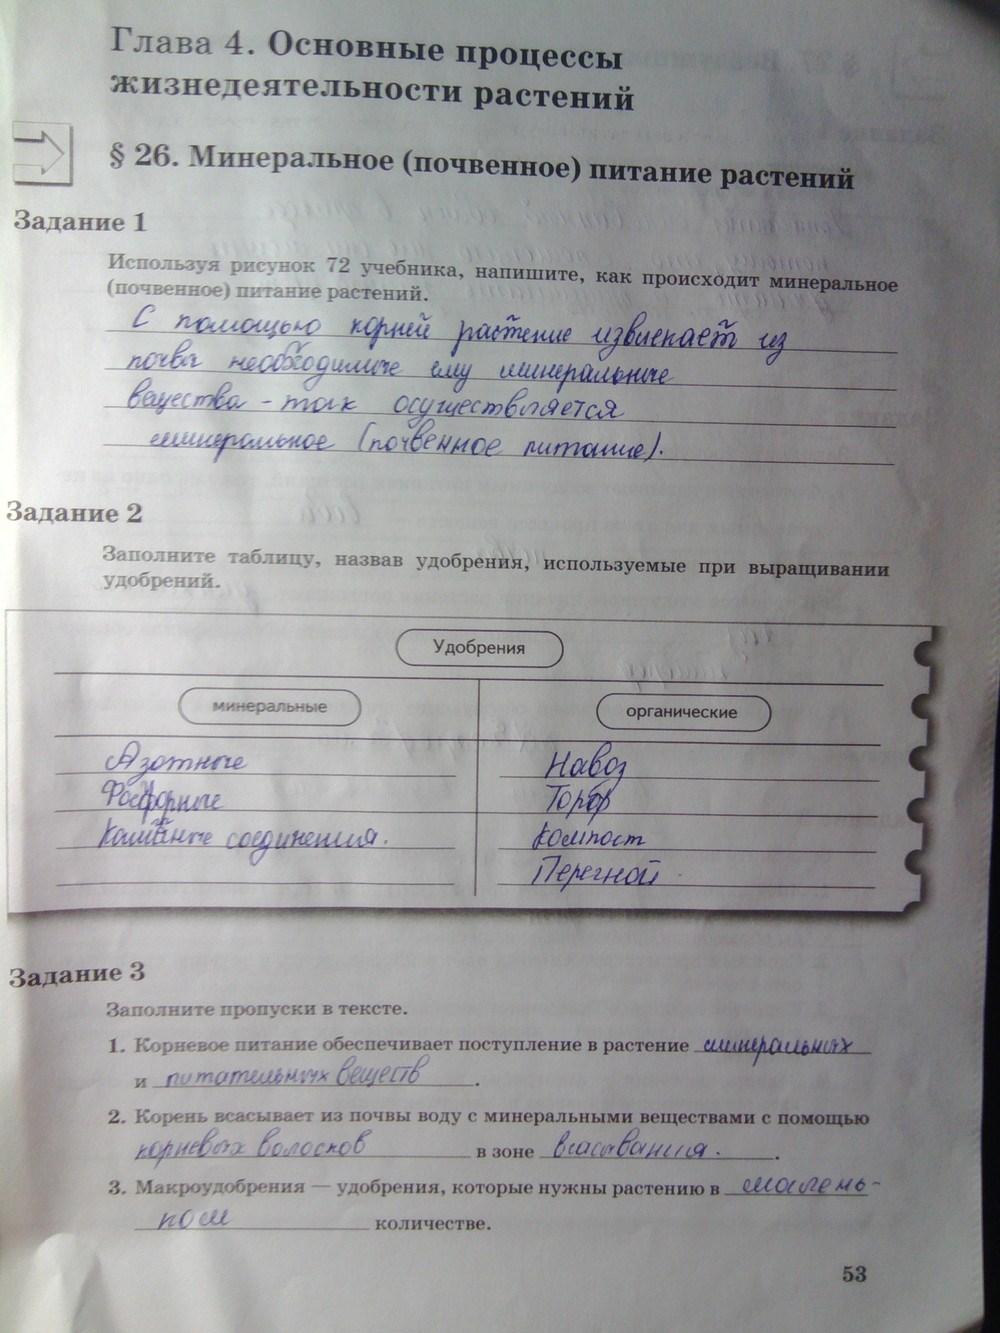 биология 6 класс пономарева гдз рабочая ответы